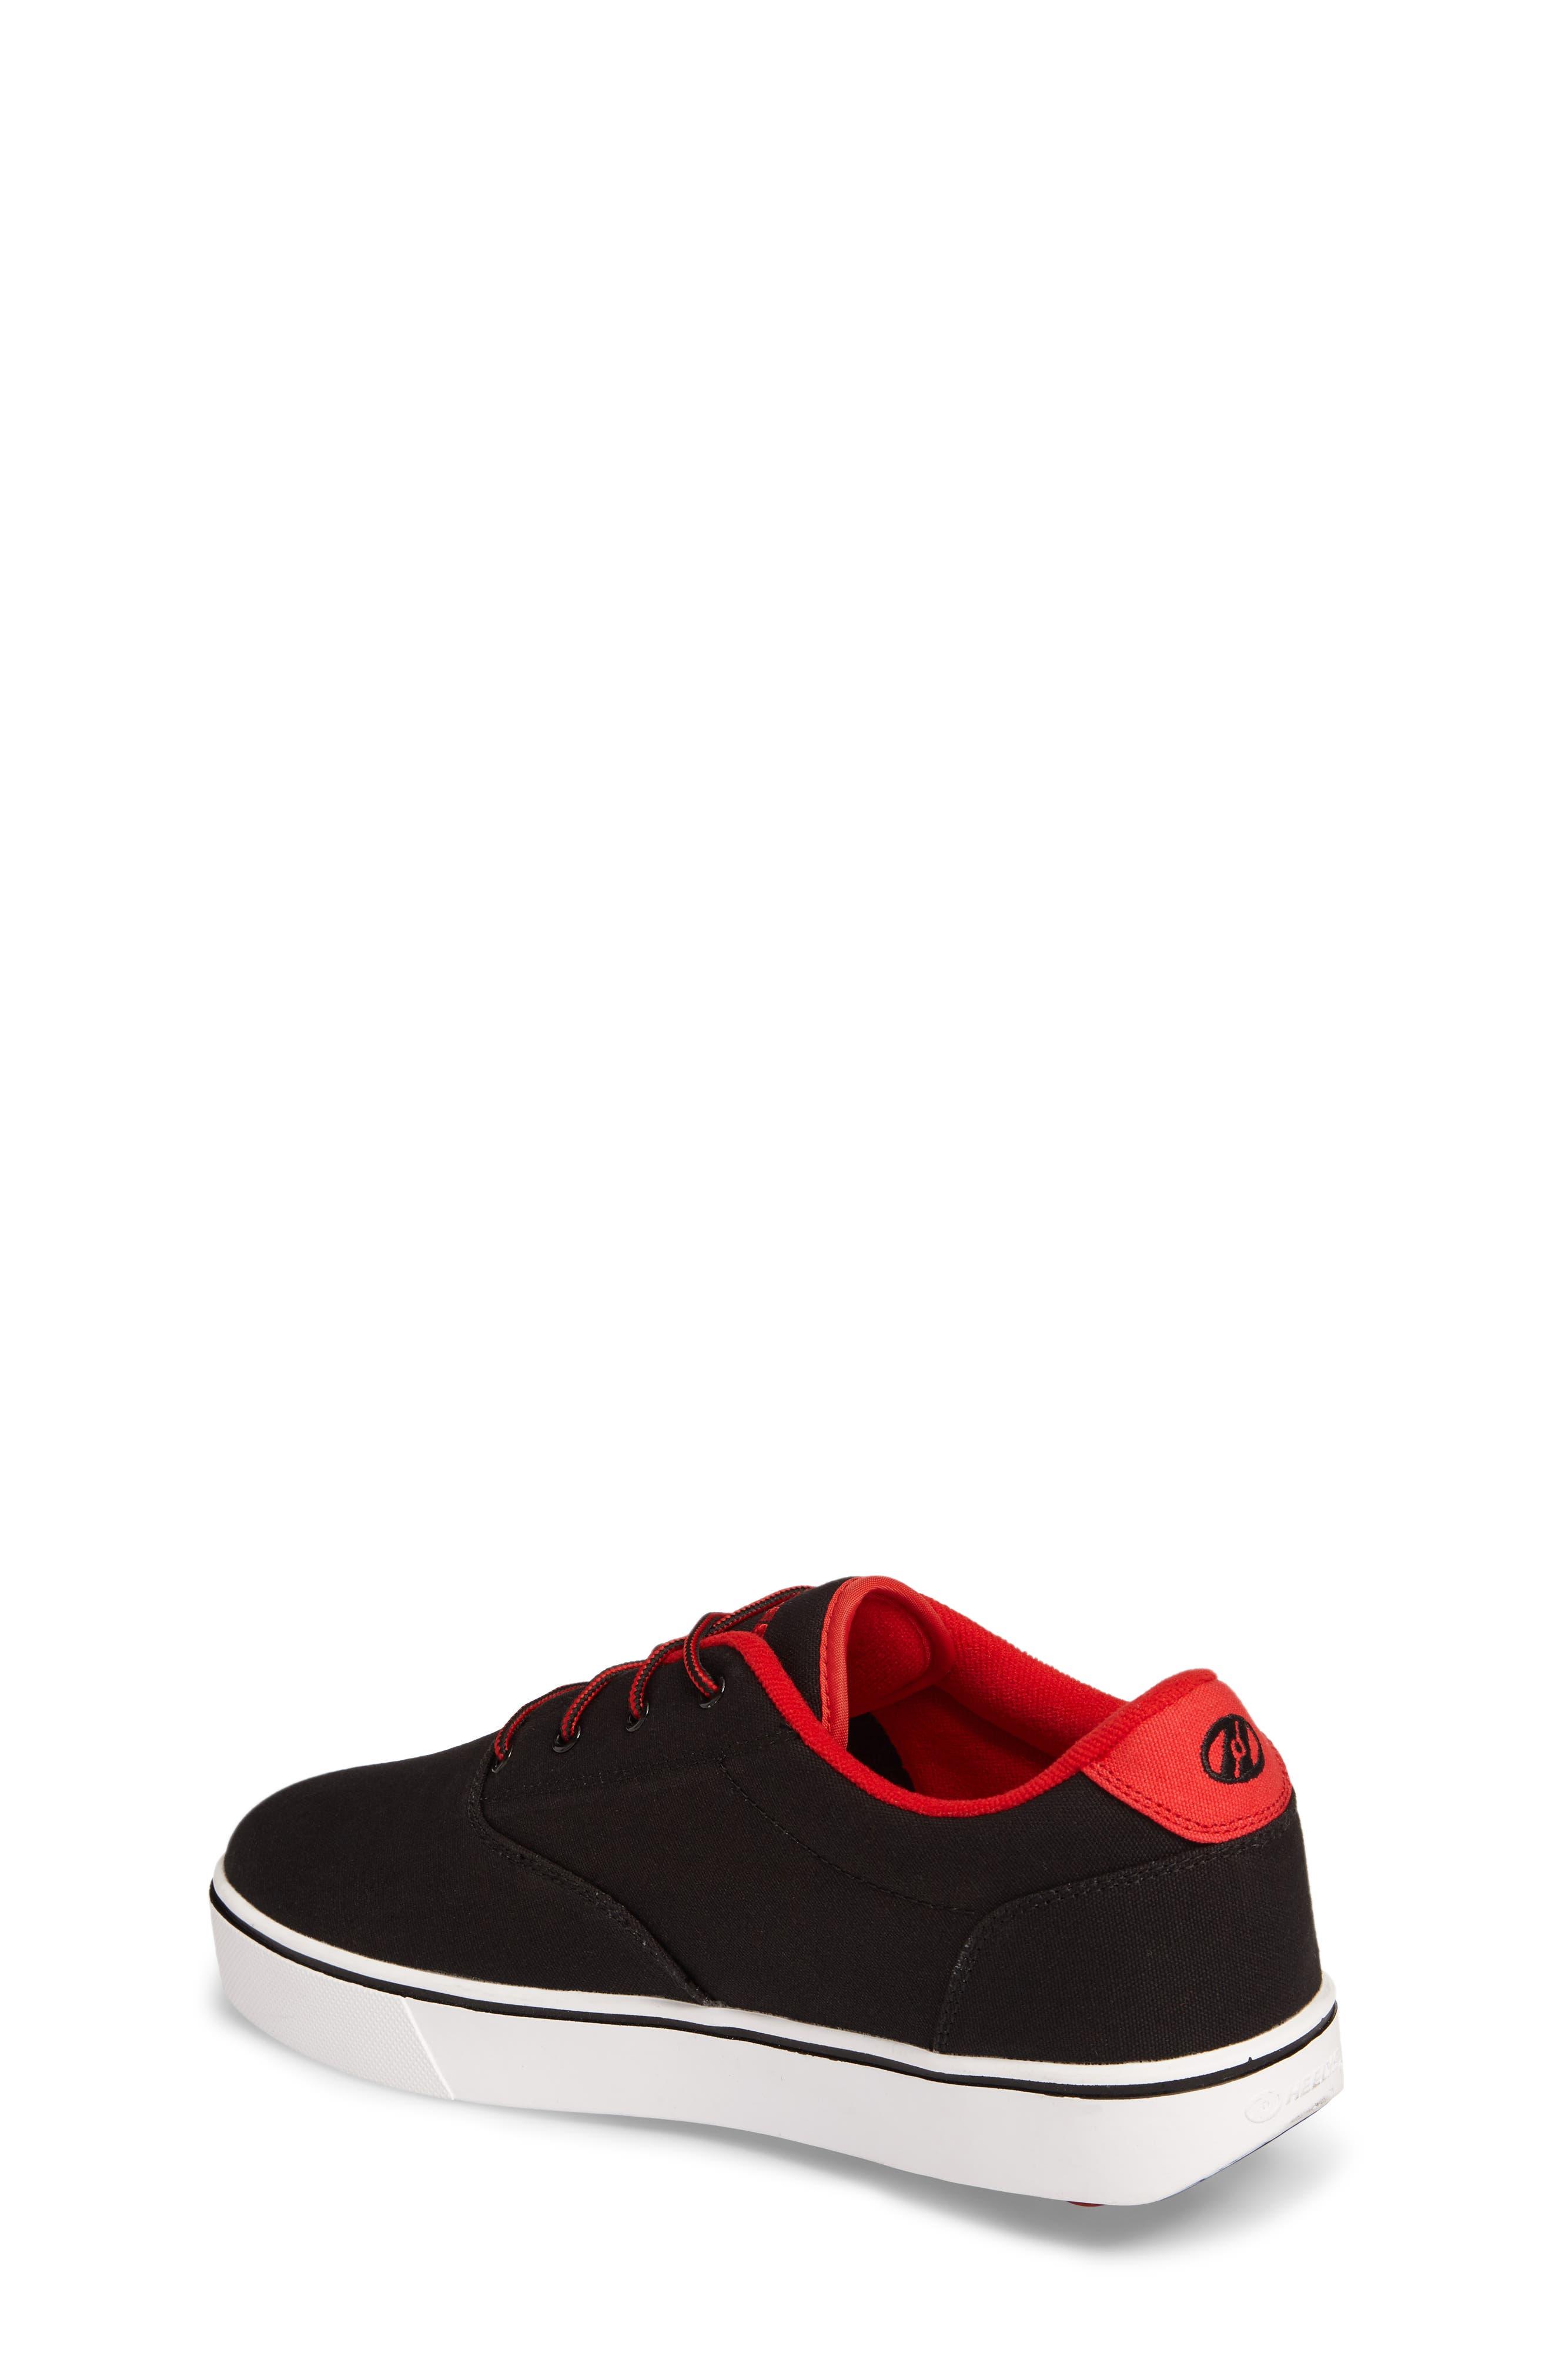 'Launch' Skate Sneaker,                             Alternate thumbnail 2, color,                             006